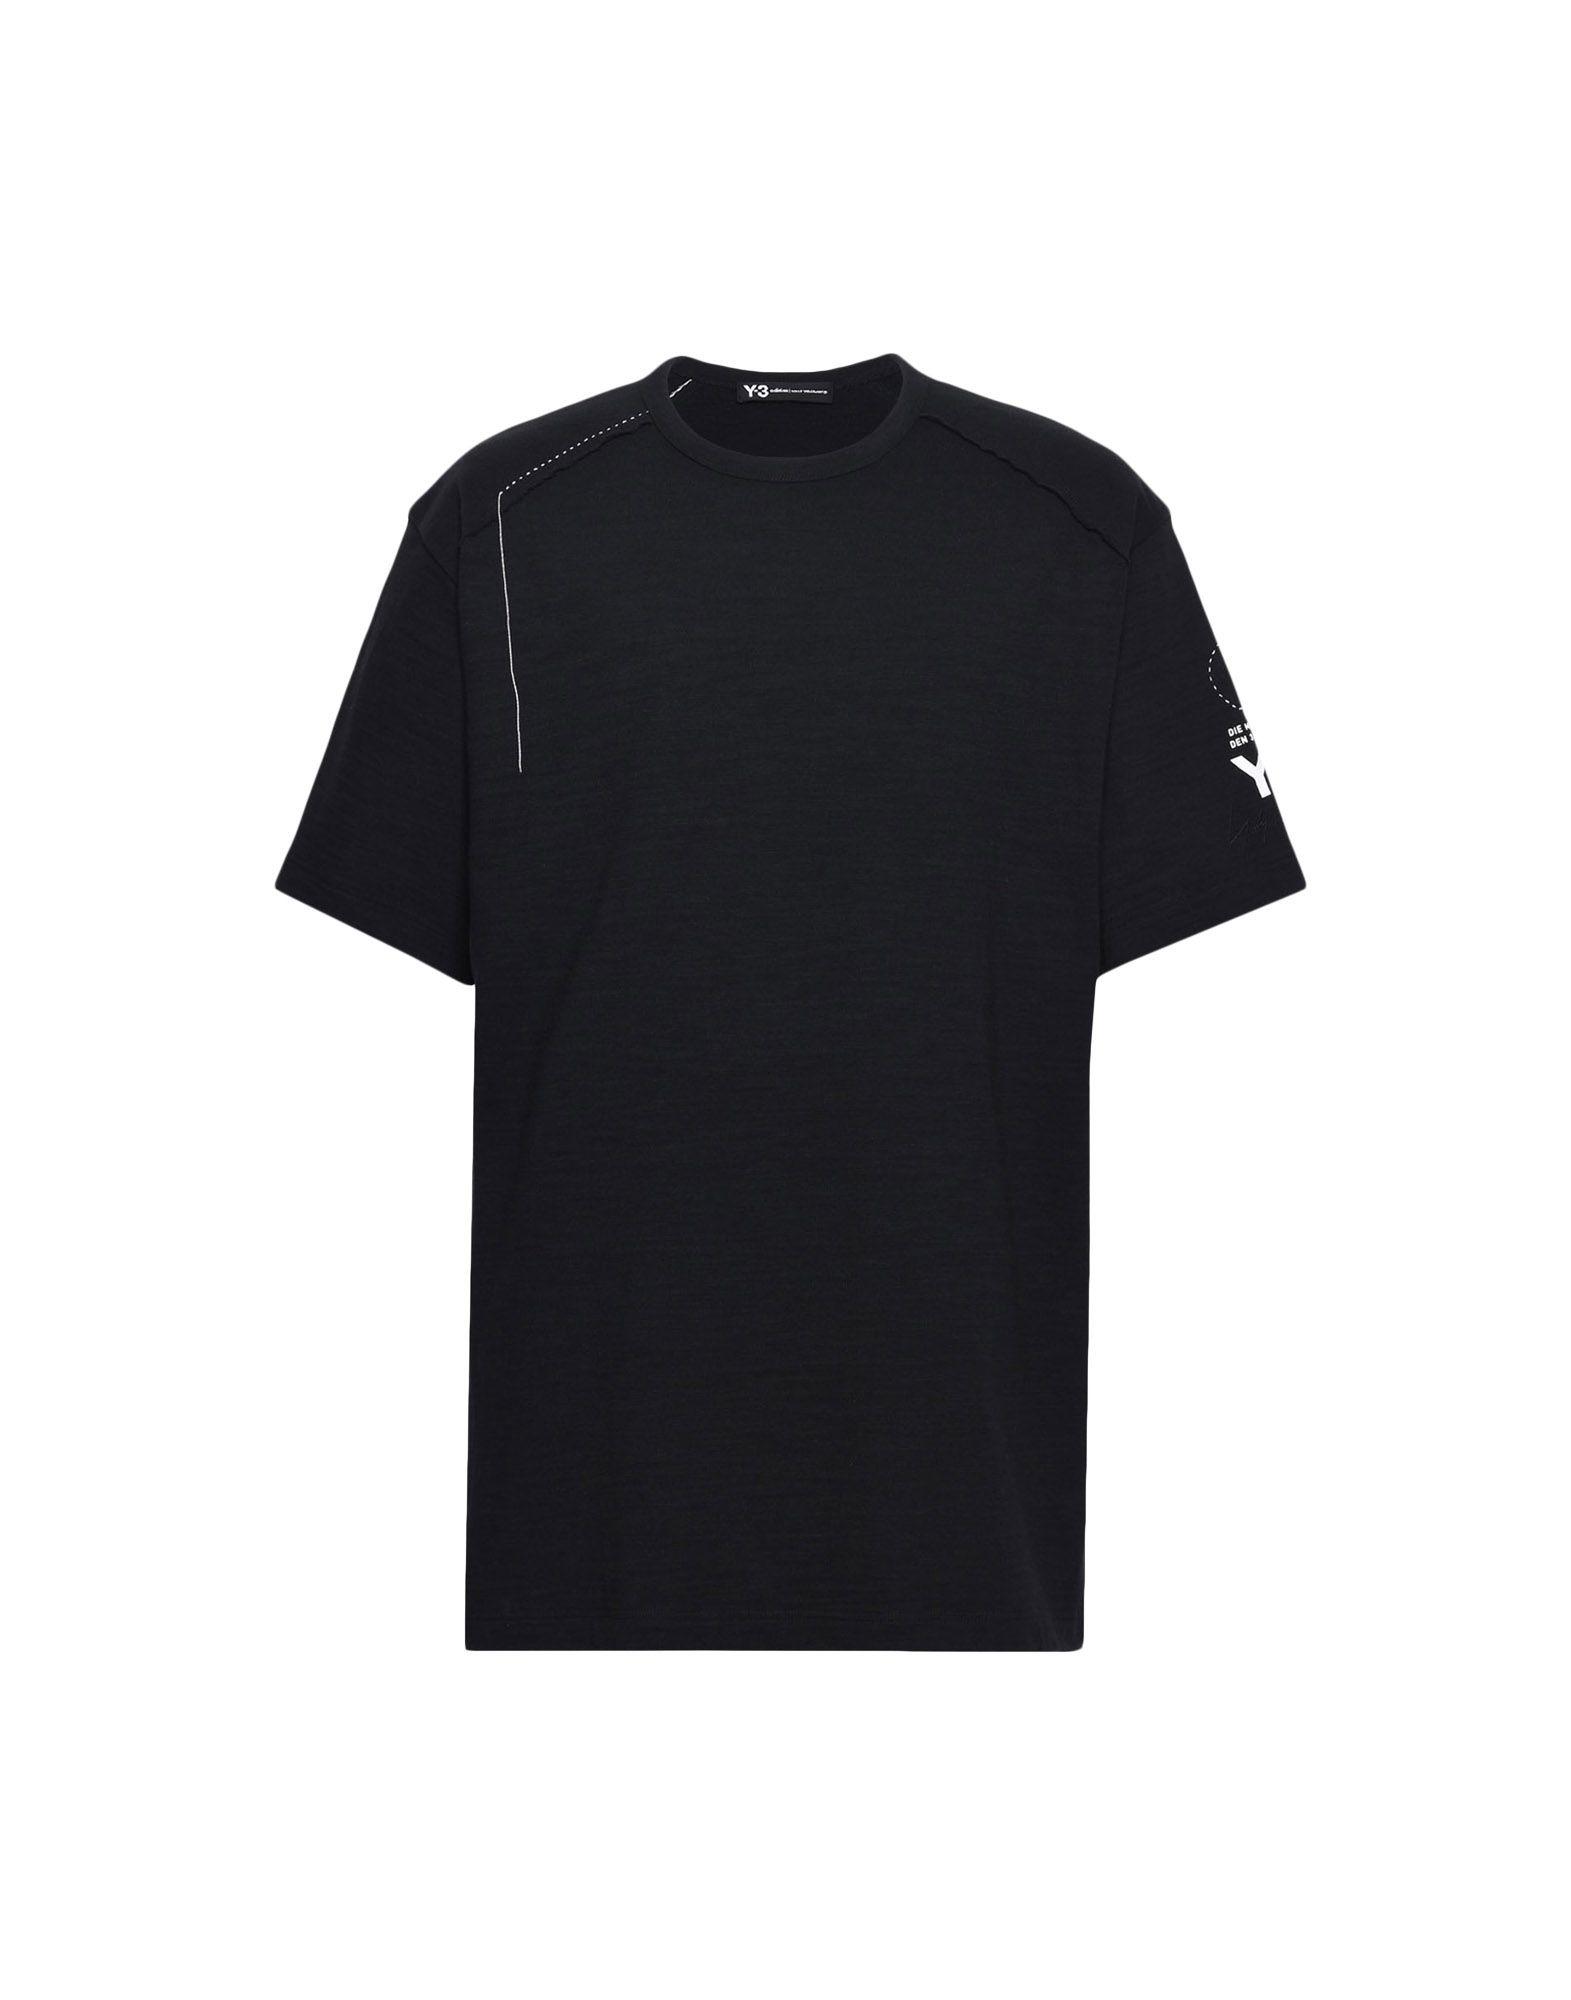 Y-3 Y-3 Sashiko Tee Short sleeve t-shirt Man f